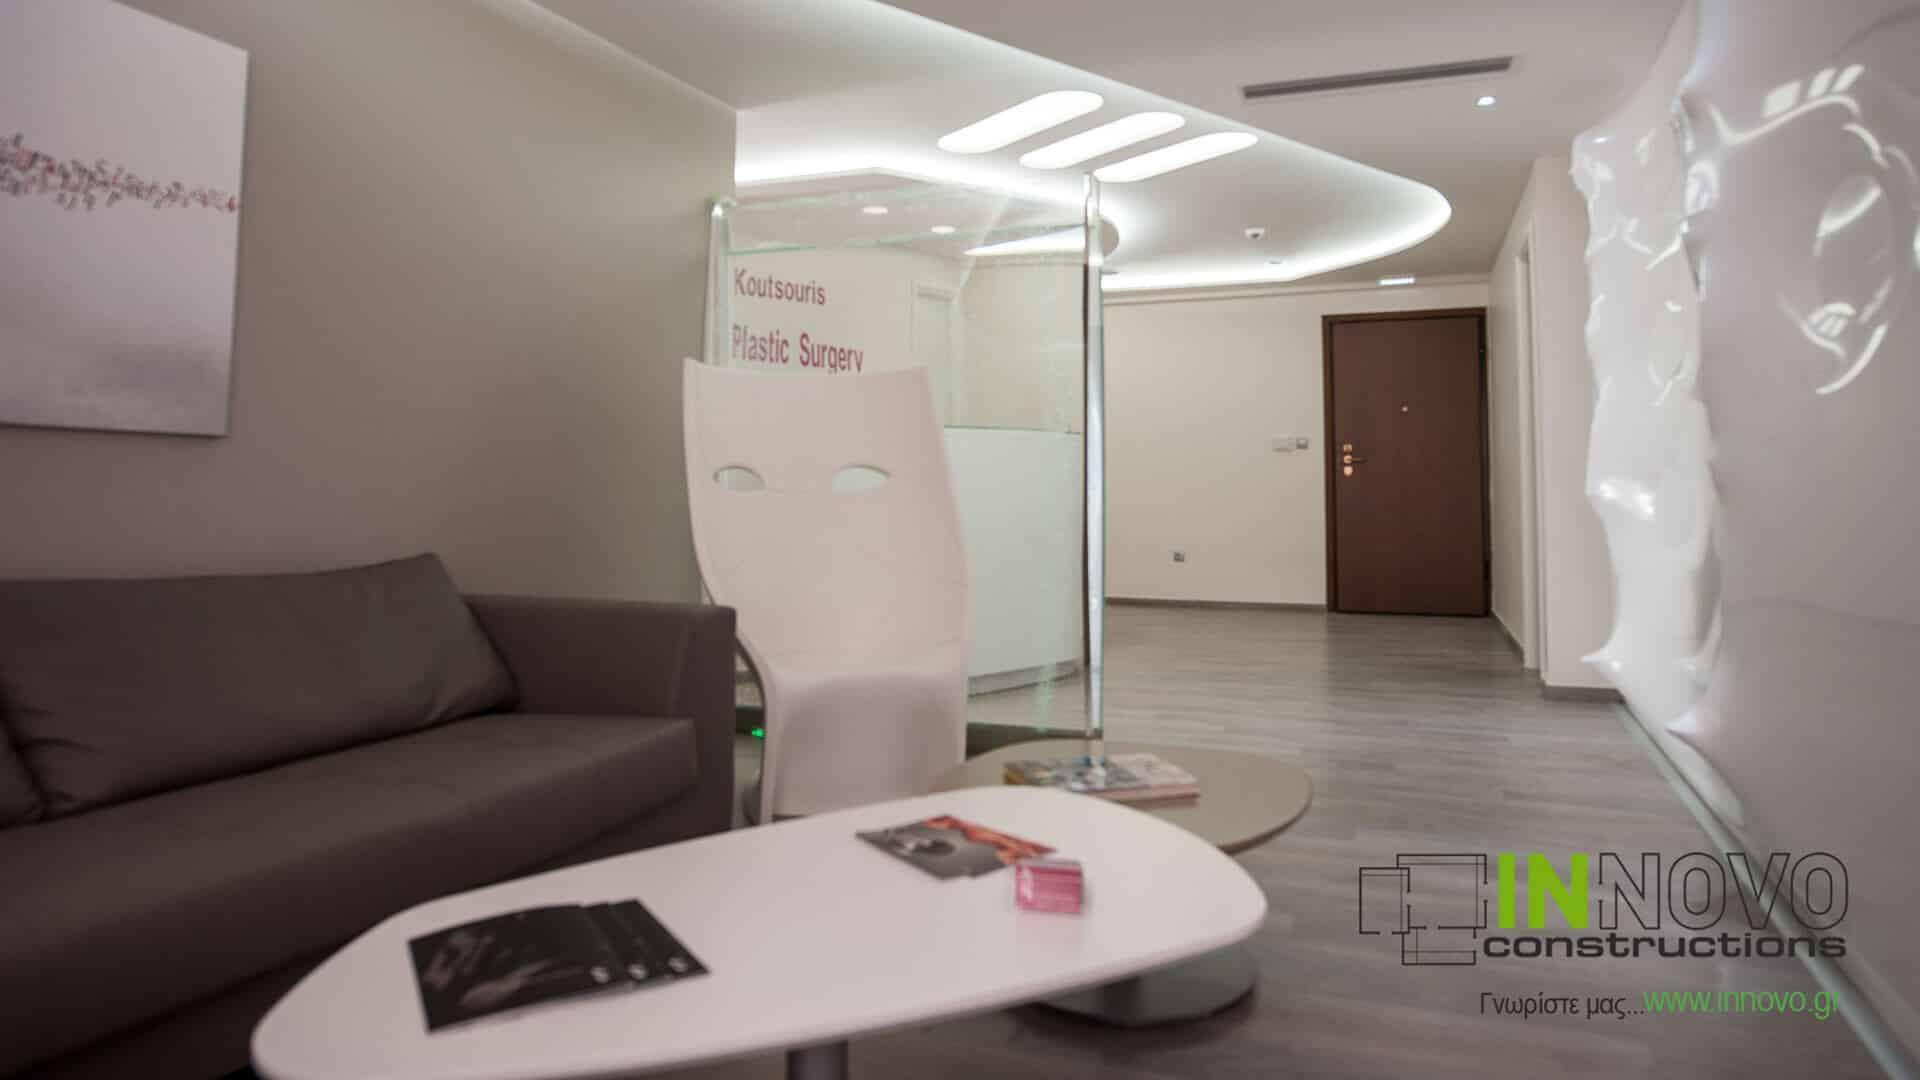 Ανακαίνιση κατασκευή Ιατρείου Πλαστικής Χειρουργικής στην Τρίπολη